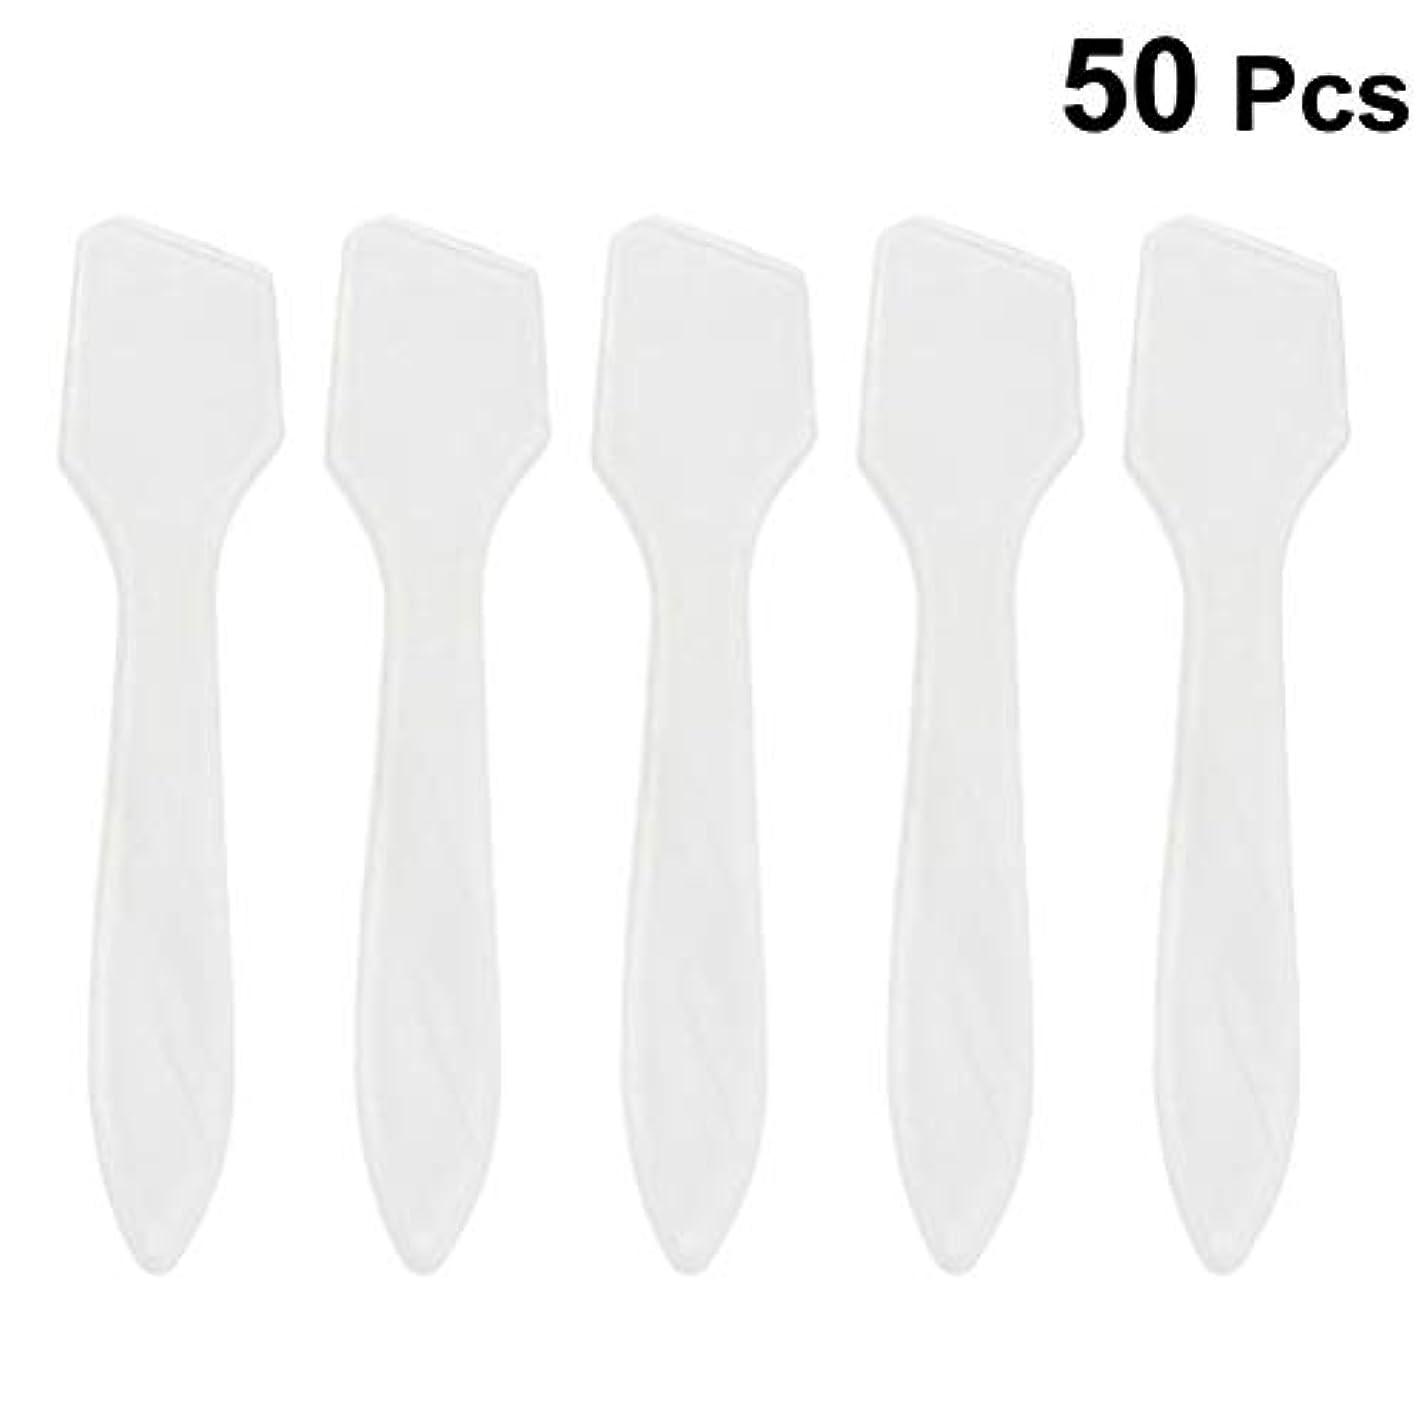 クライストチャーチ不良品有力者SUPVOX 50ピース化粧品スキンケアフェイスクリームマスク混合ヘラアプリケータツール